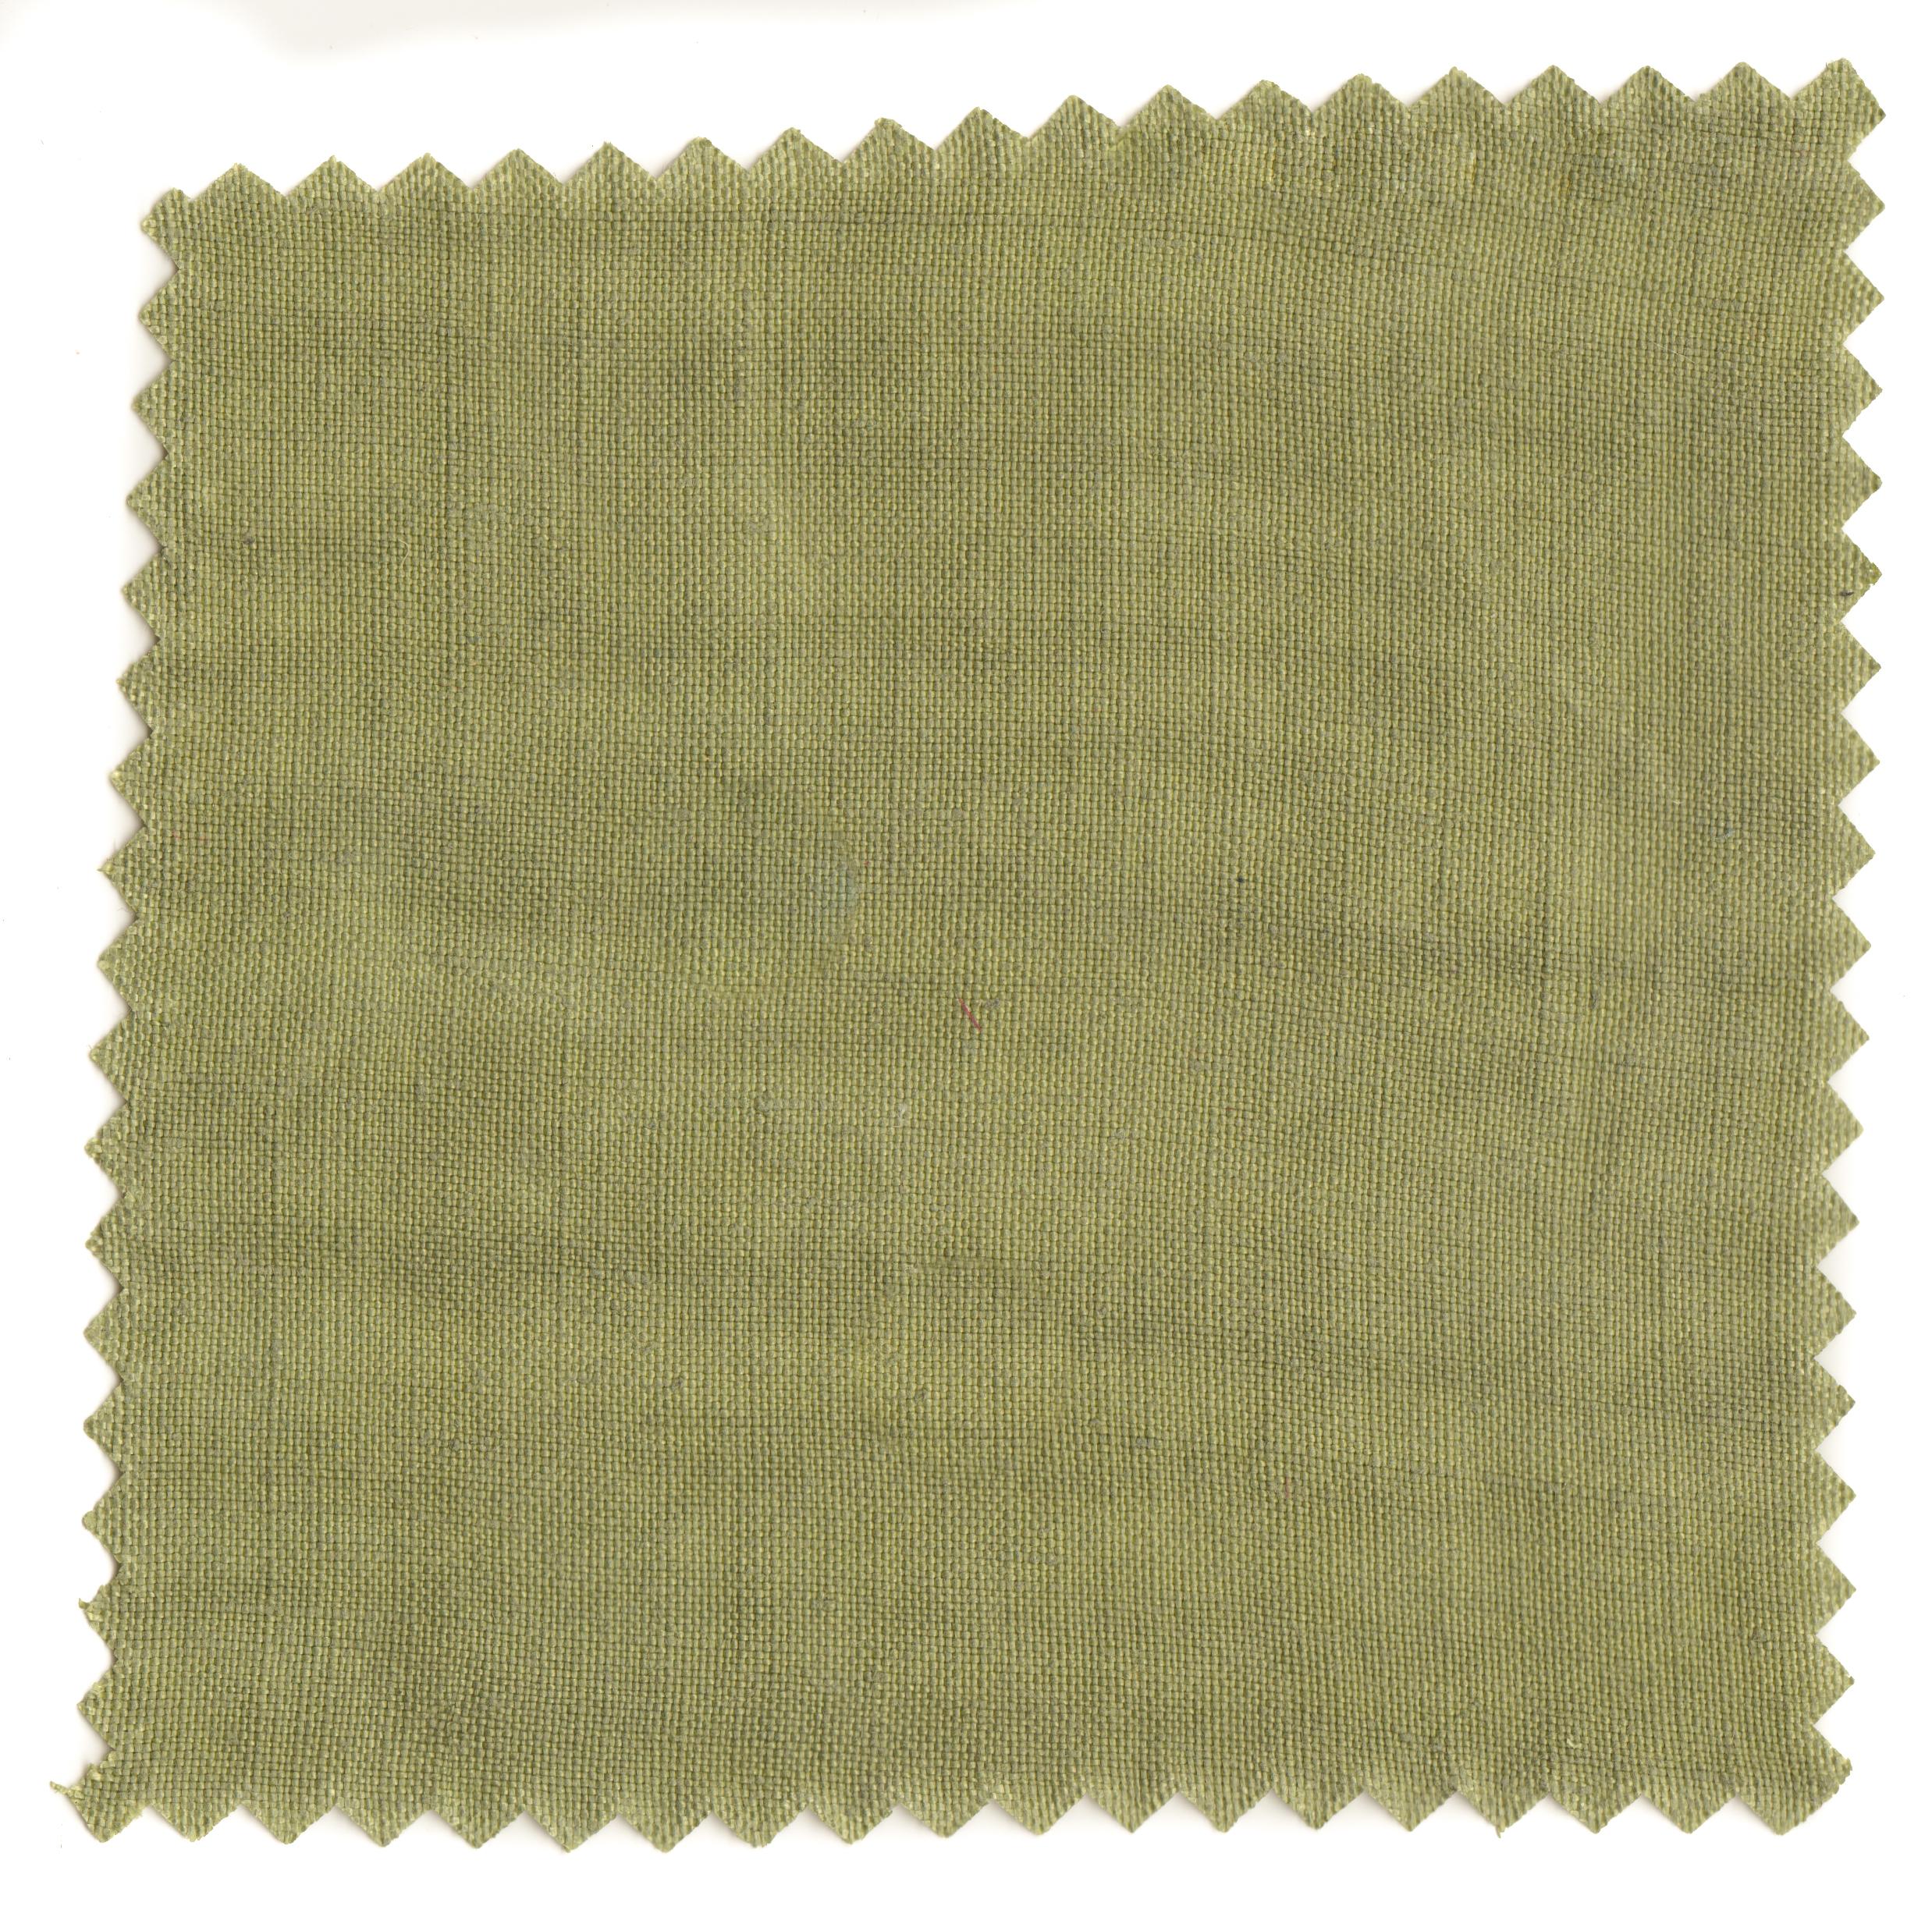 Moss Greens-5.jpg